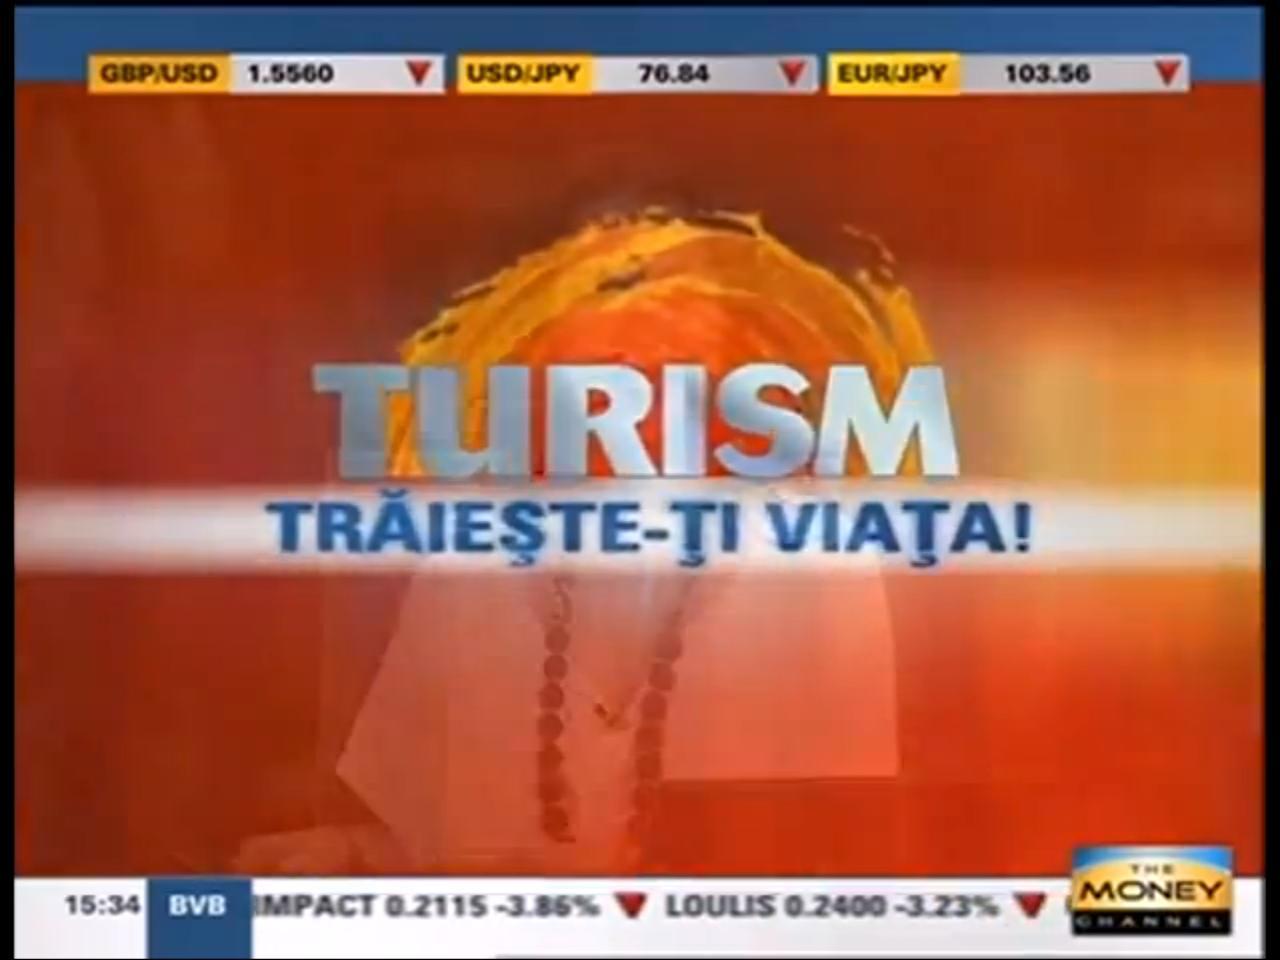 Înregistrare emisiunea de turism Trăieşte-ţi viaţa – ediţia 2, 14 octombrie 2011